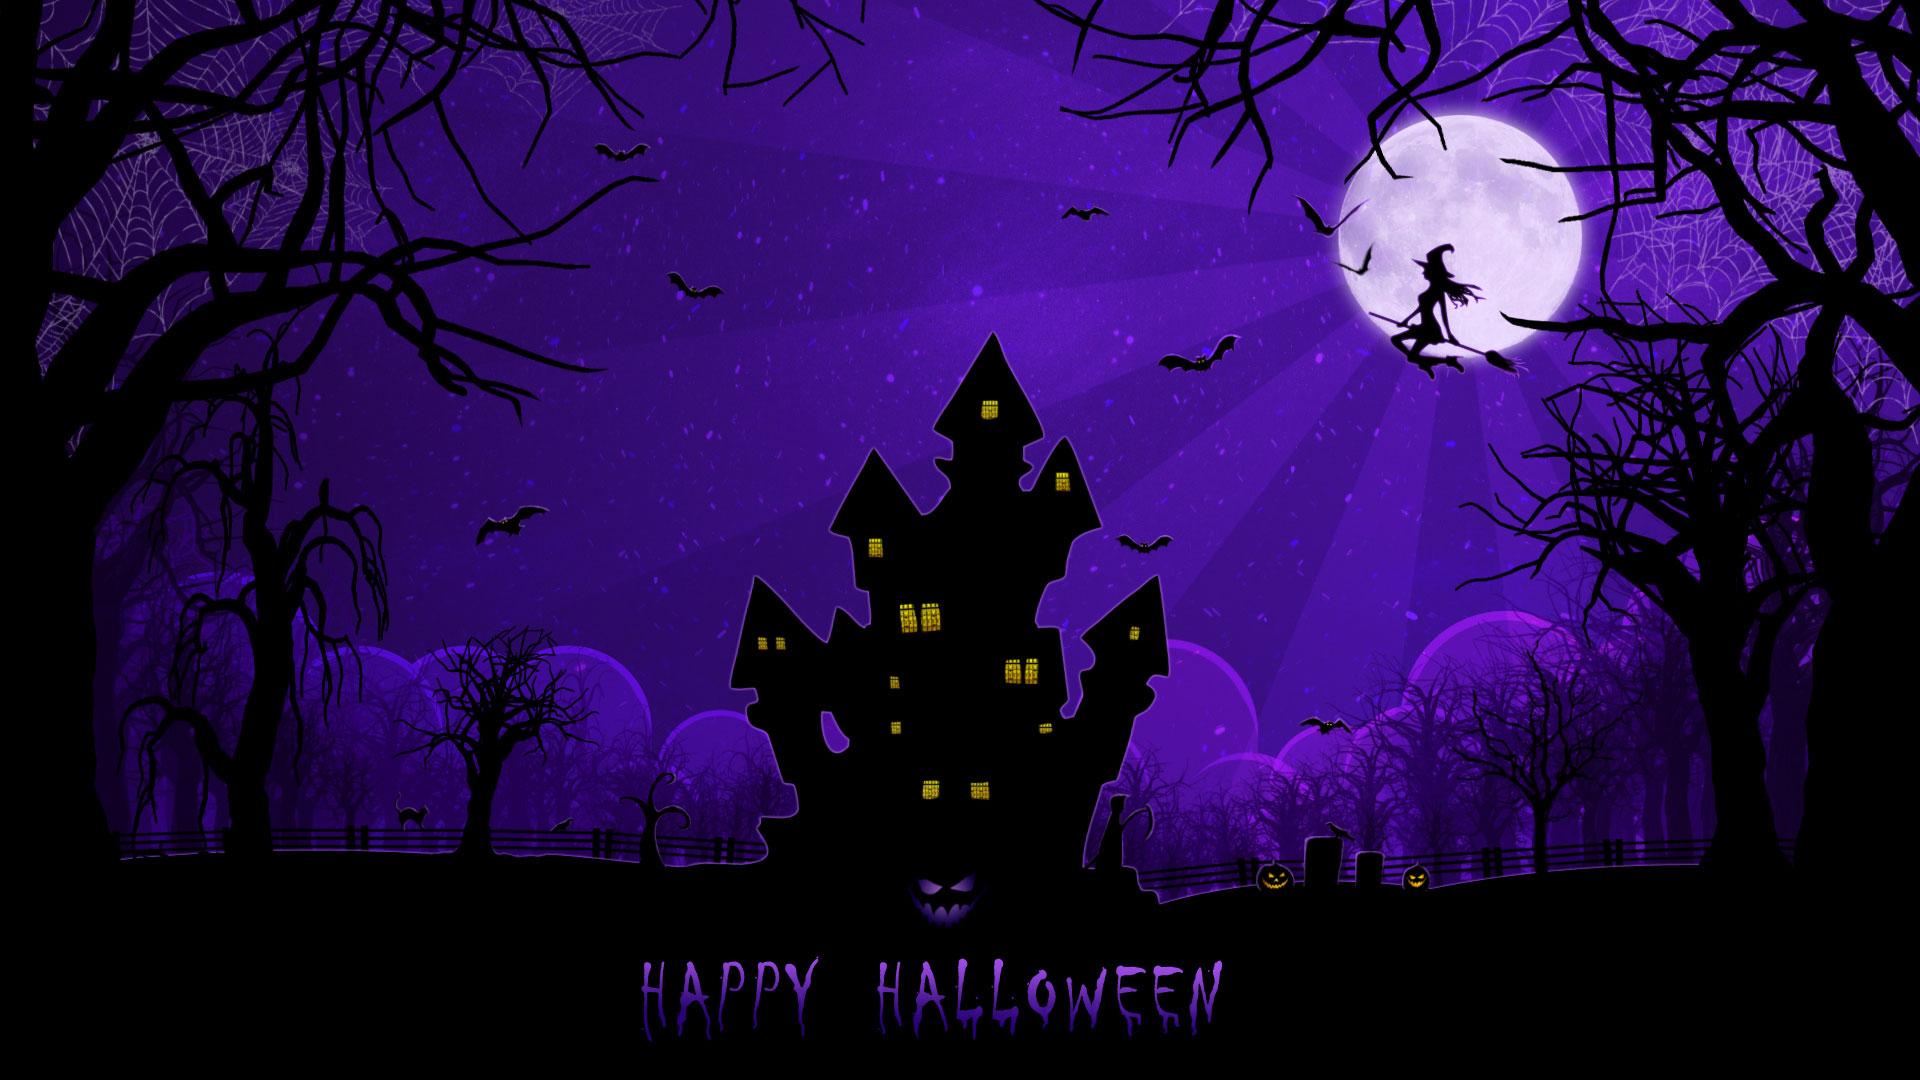 Happy_halloween_2014_wallpaper_HD